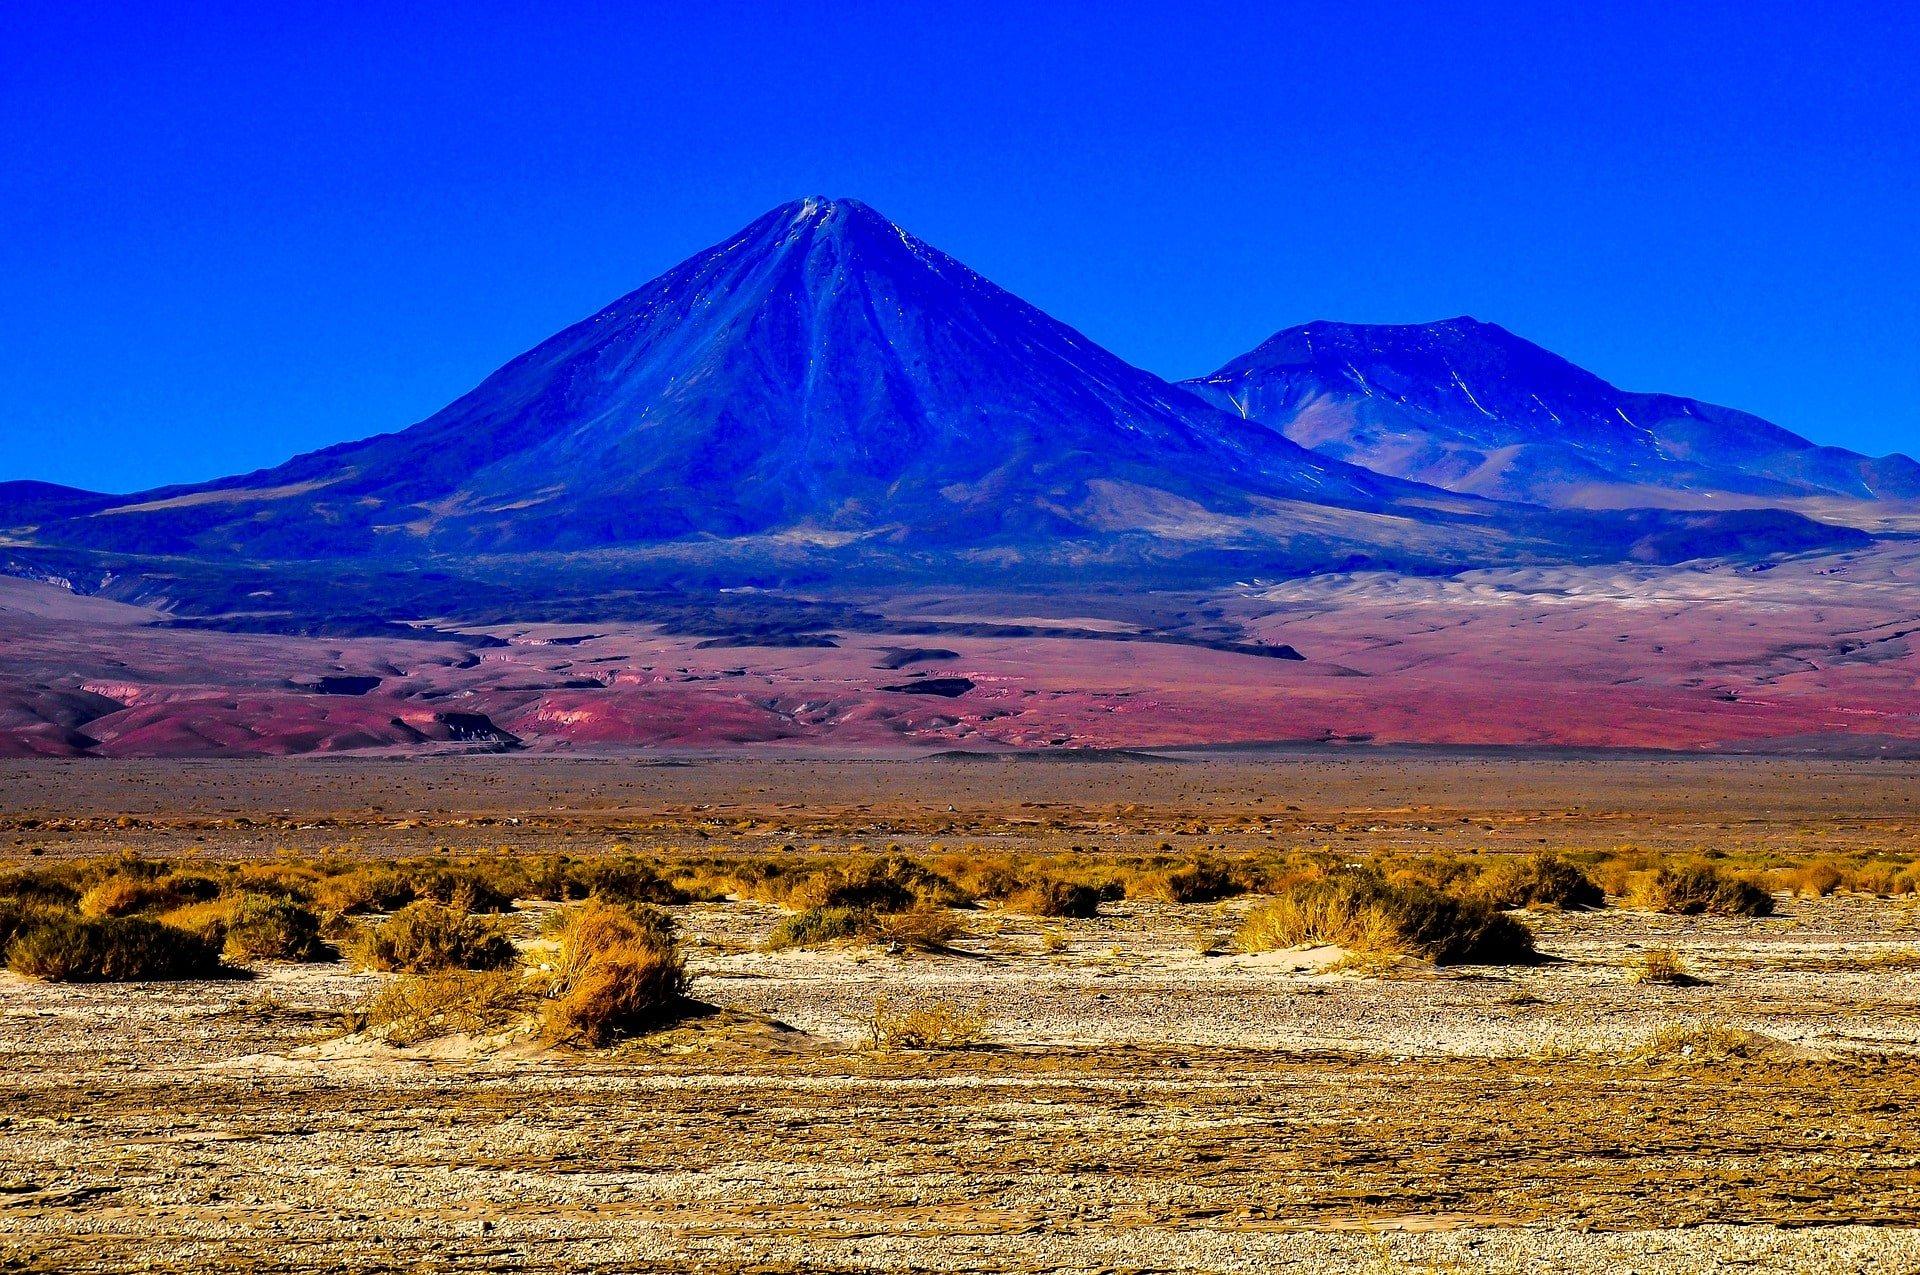 країна Чилі, подорож до Чилі